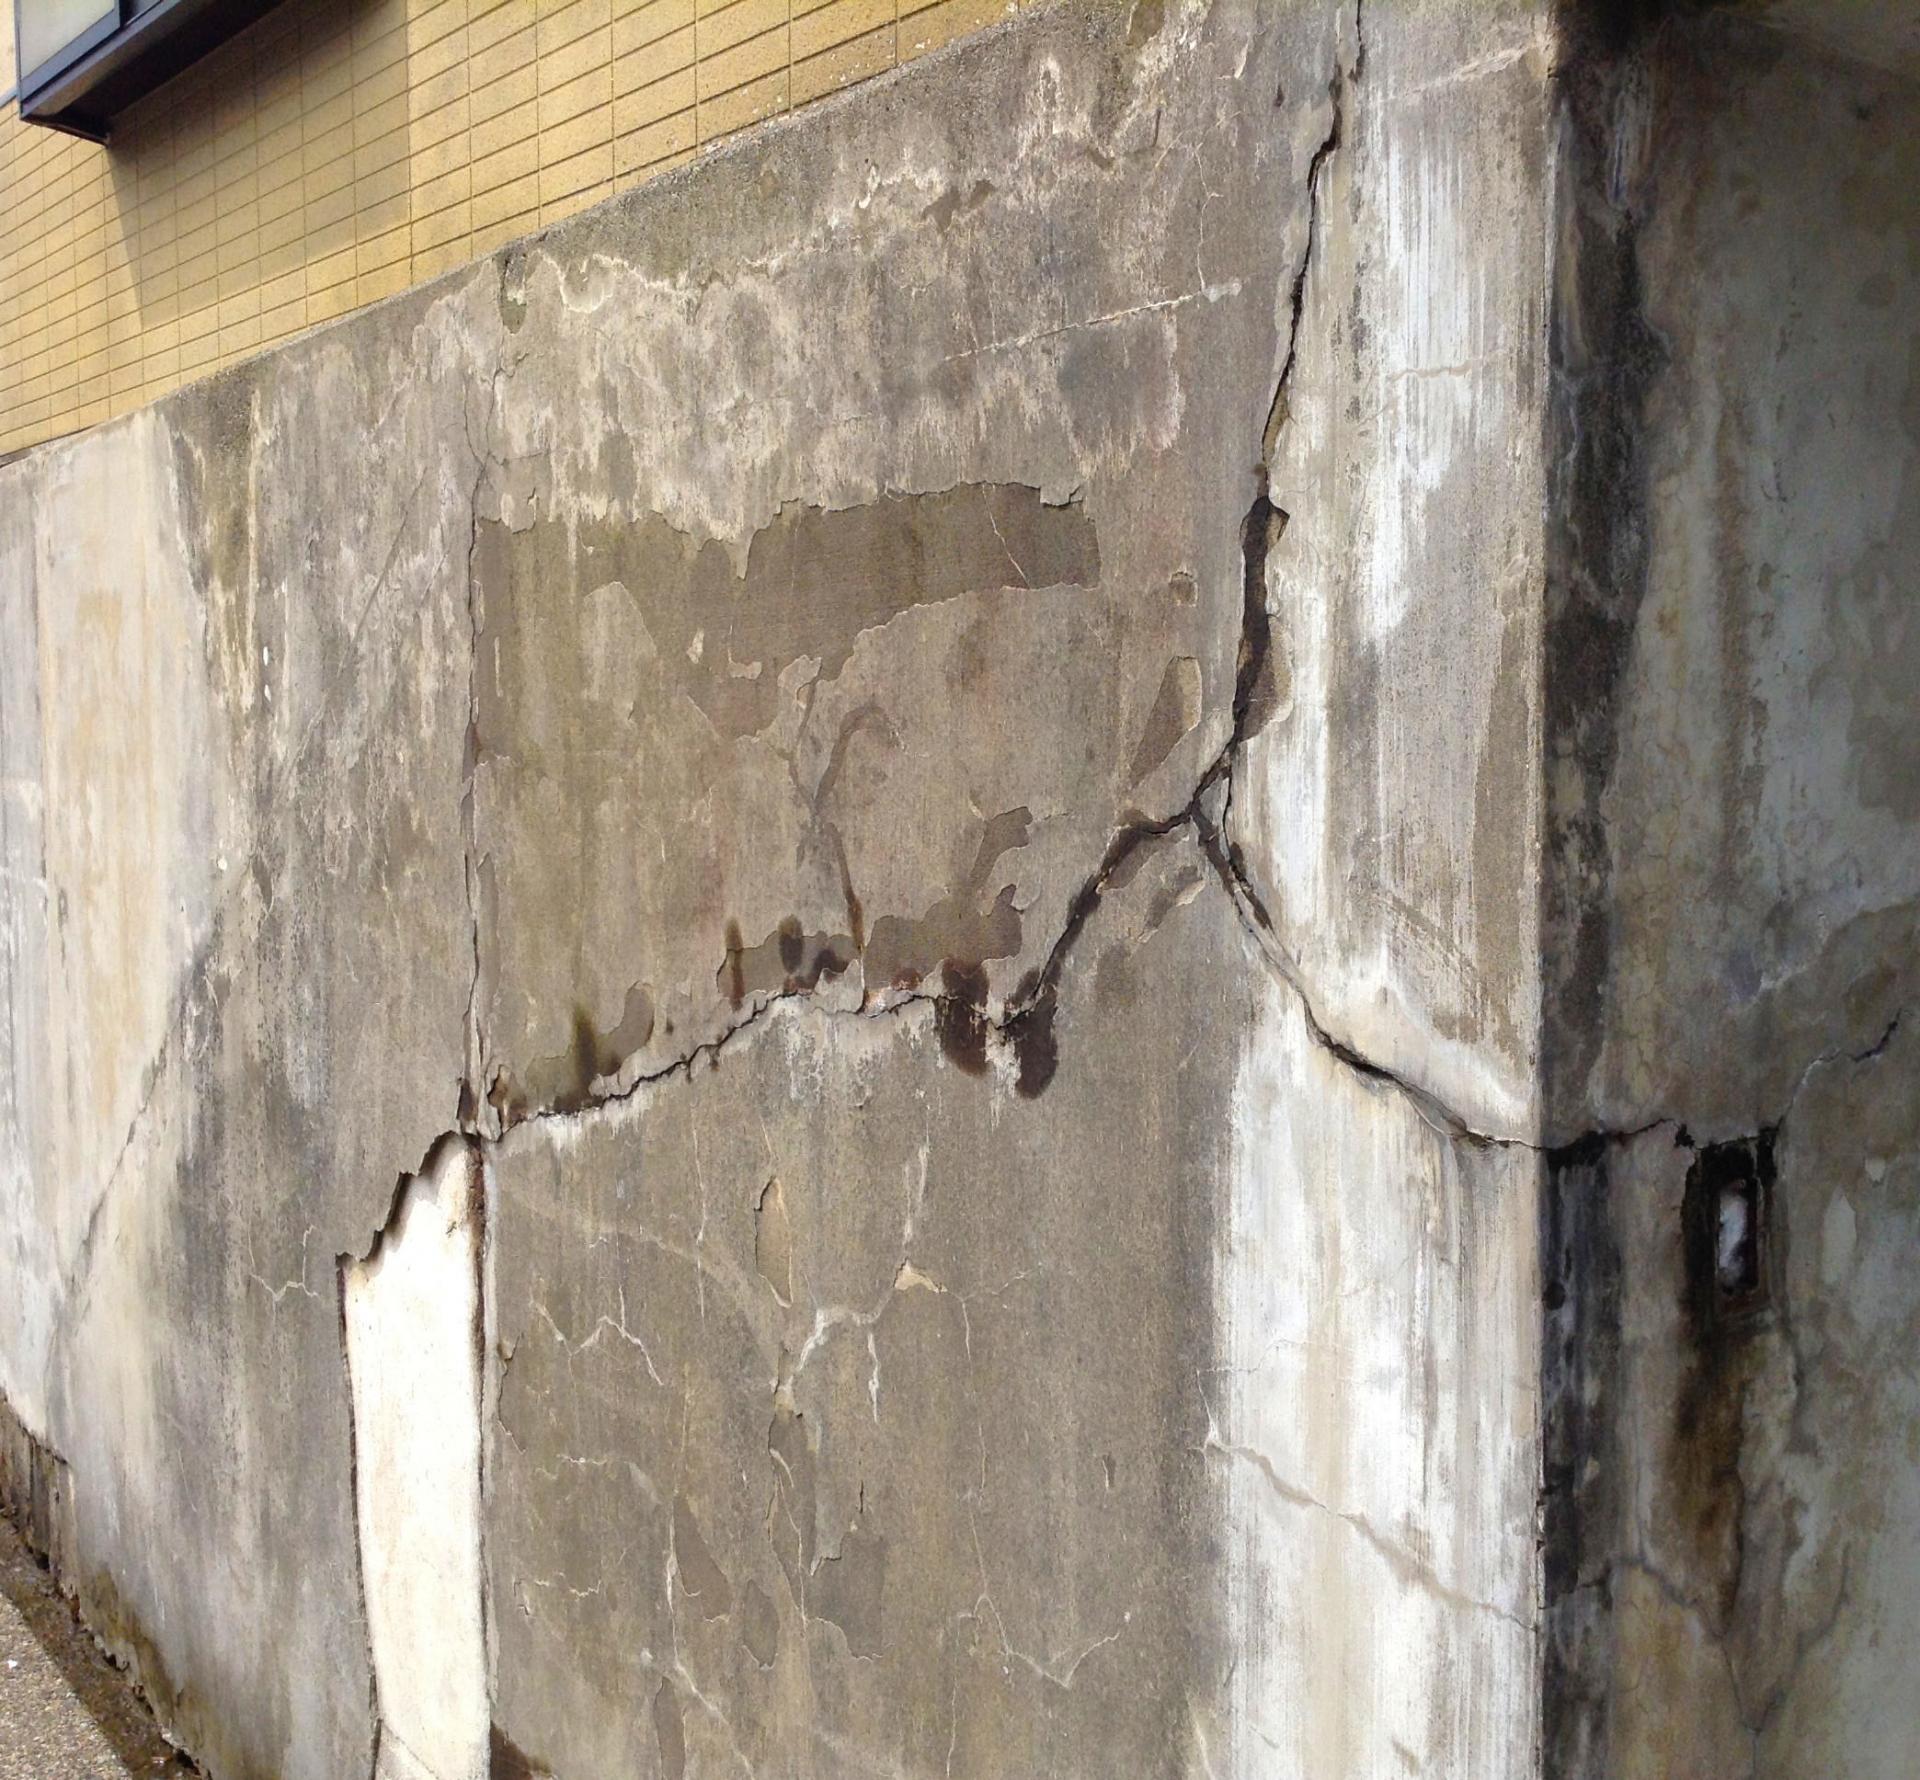 ネズミの住宅の基礎・床下からの侵入